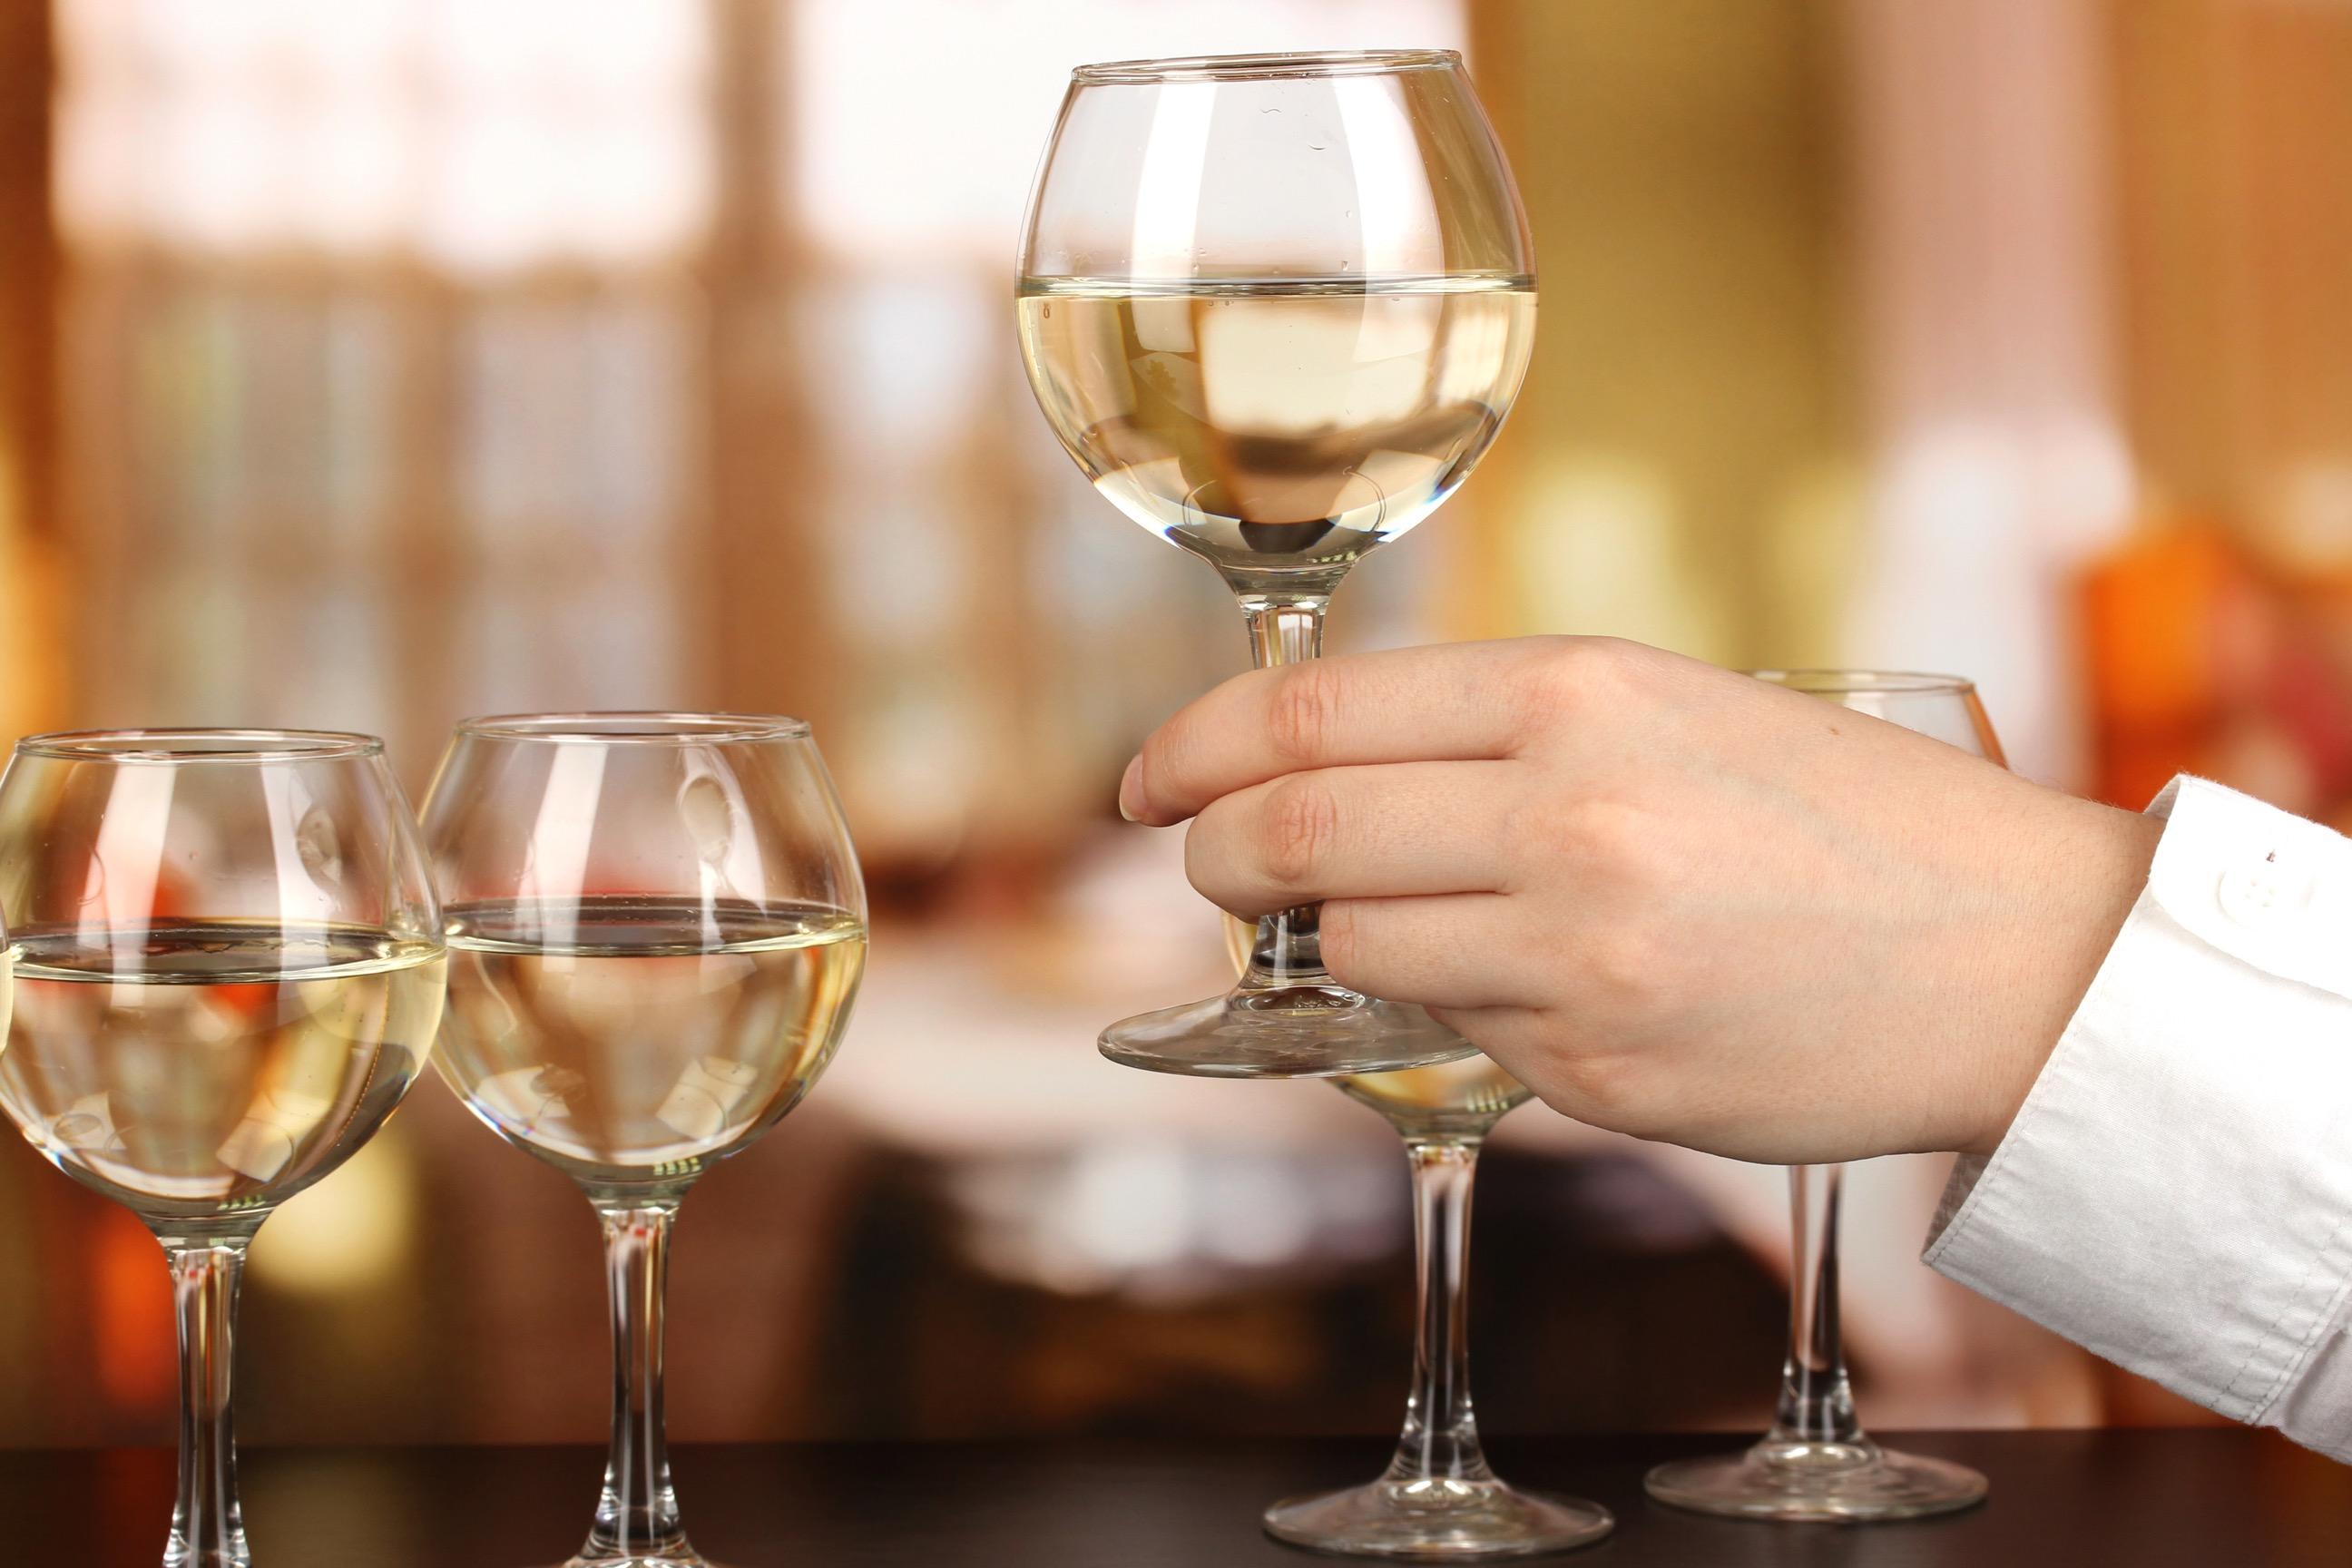 甘いワインに合う料理は?おすすめのデザートワインや甘いサングリア